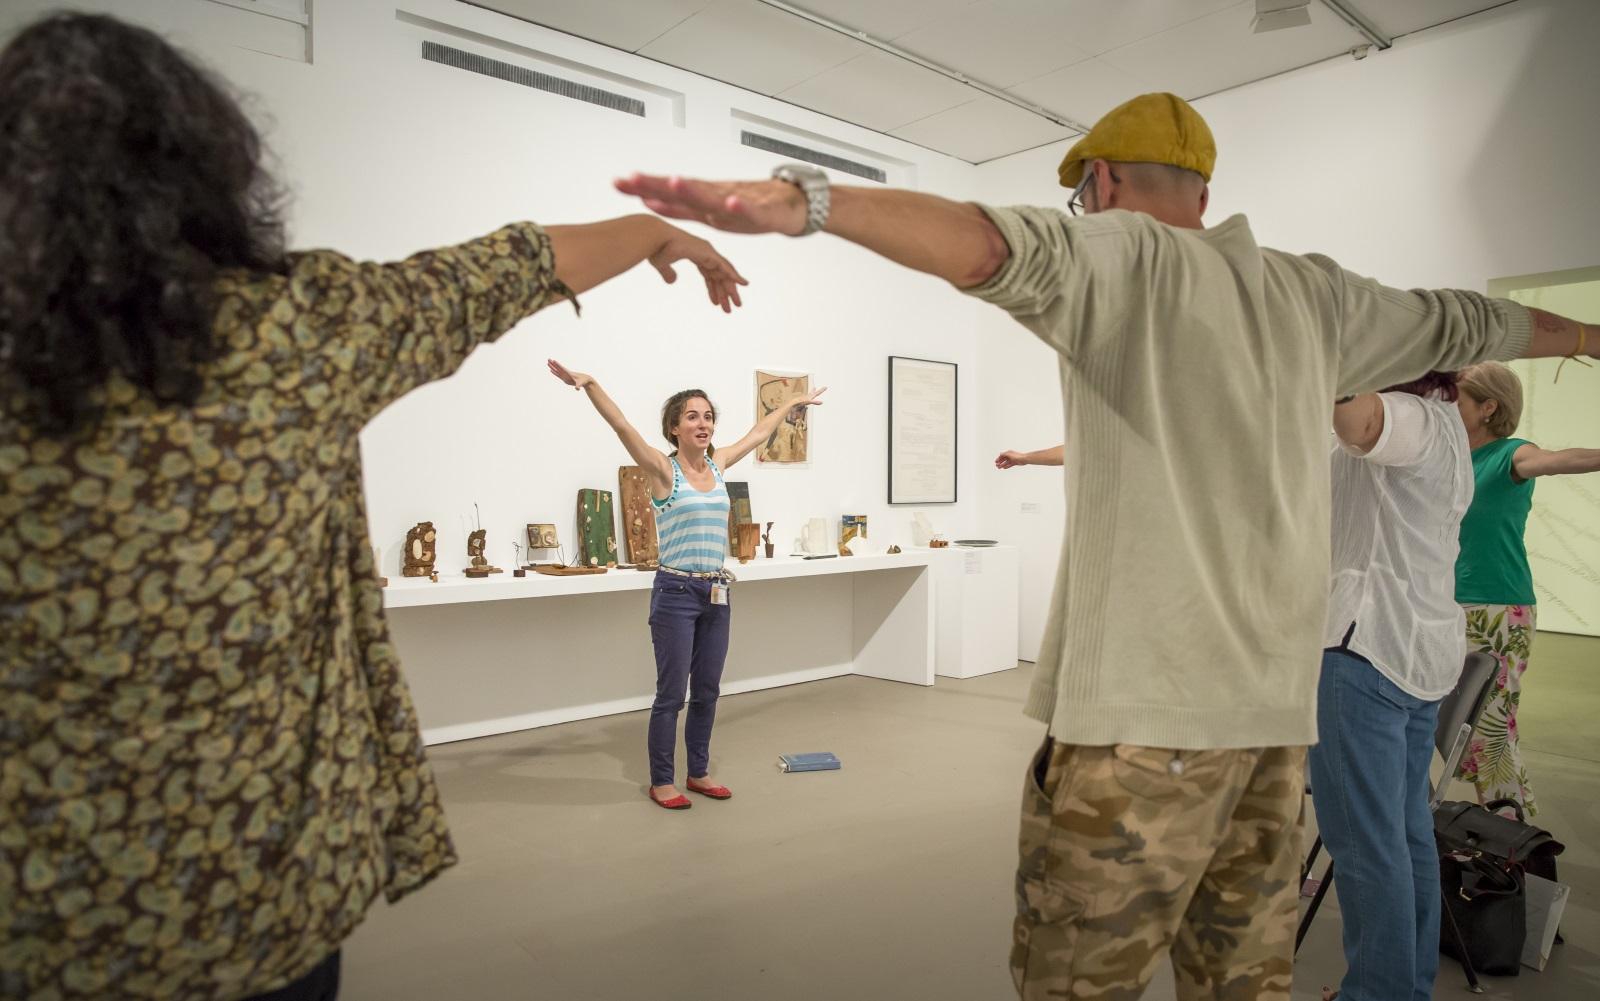 Fábrica de projetos: entre professores, alunos e o Museu Gulbenkian